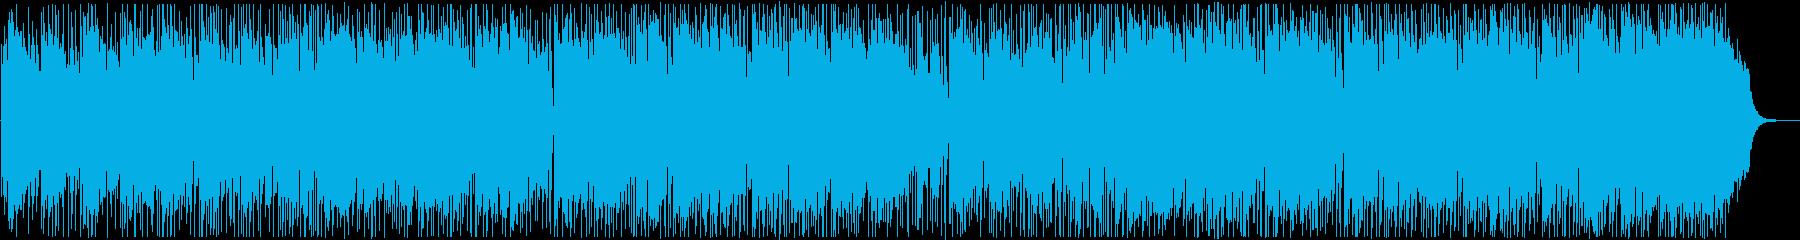 初夏の映像によく合う、さわやかなBGMの再生済みの波形